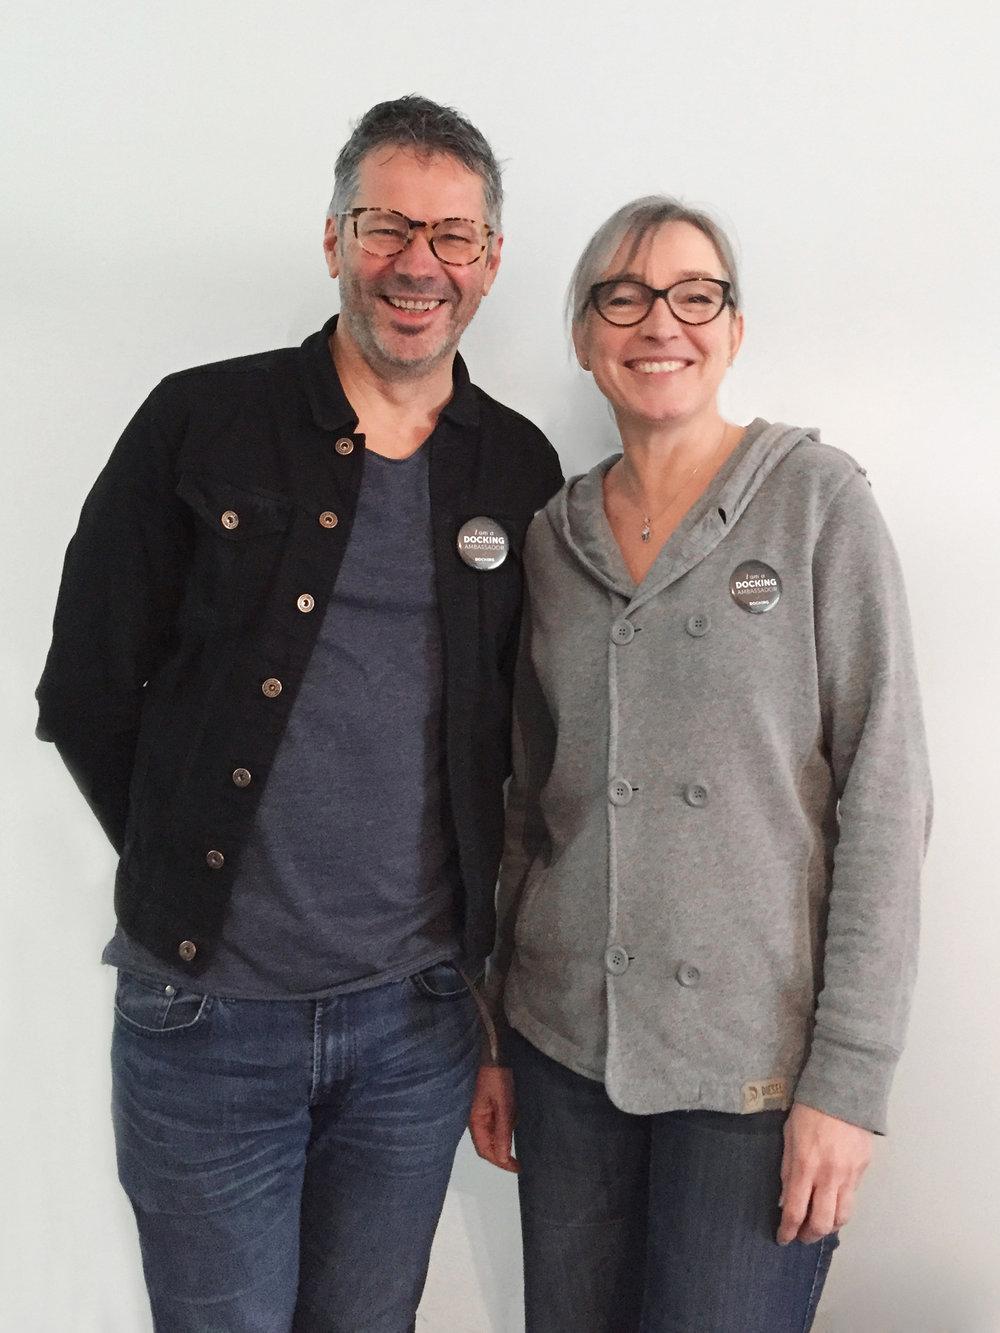 Teun van der Heijden & Sandra van der Doelen